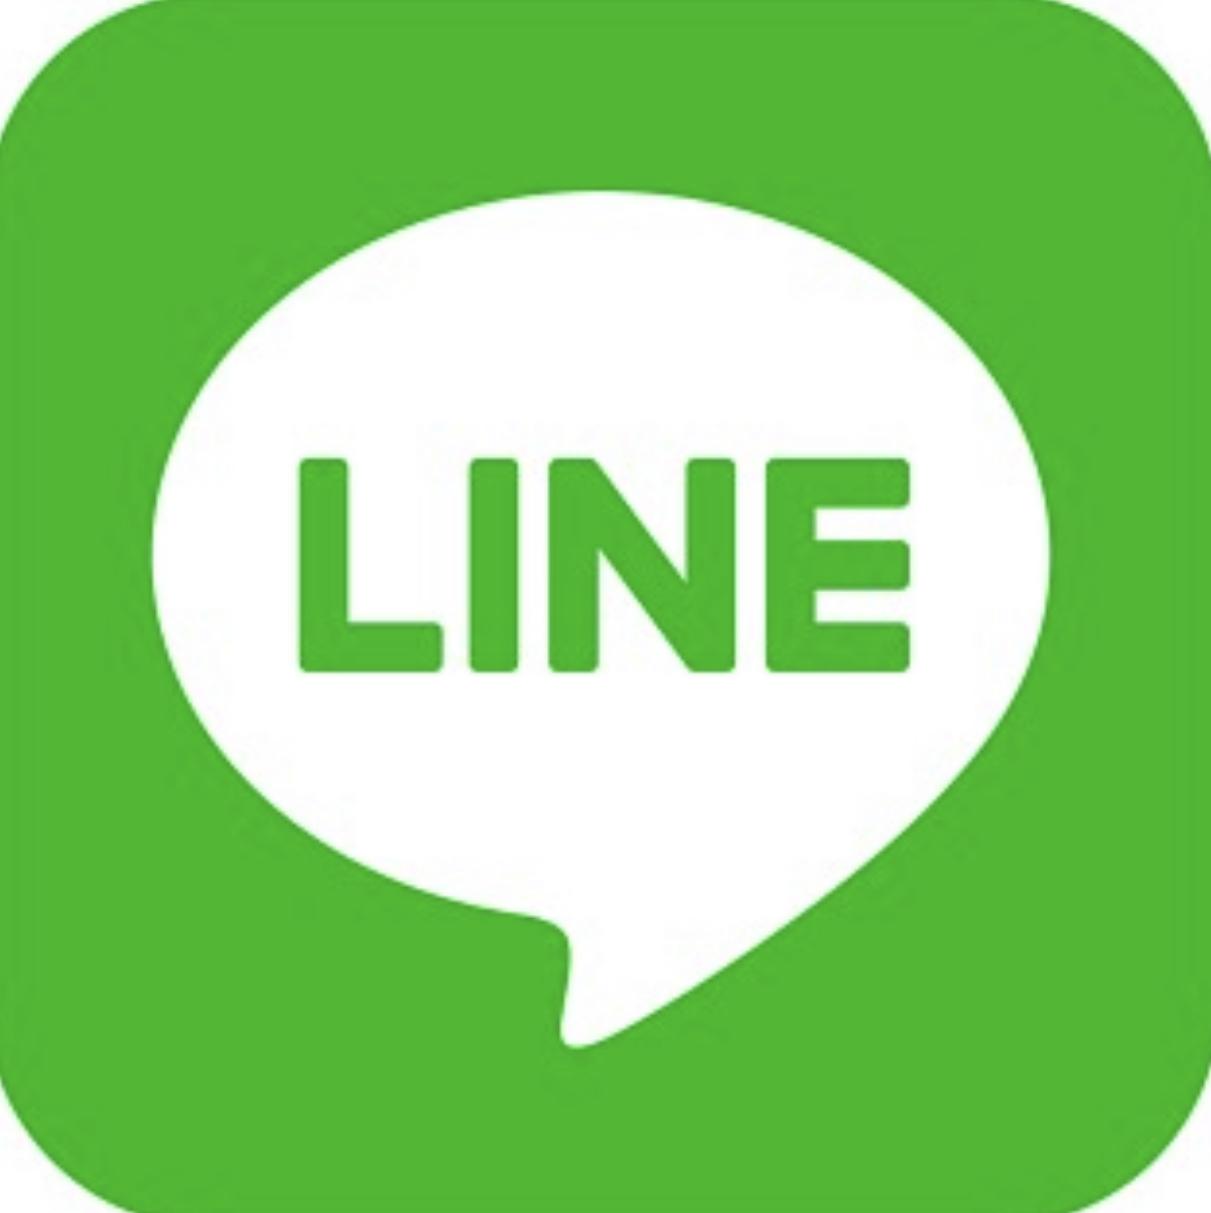 noiのLINE@です。LINE予約や色々な情報を配信していきますので、是非とも友だち登録を宜しくお願いします。